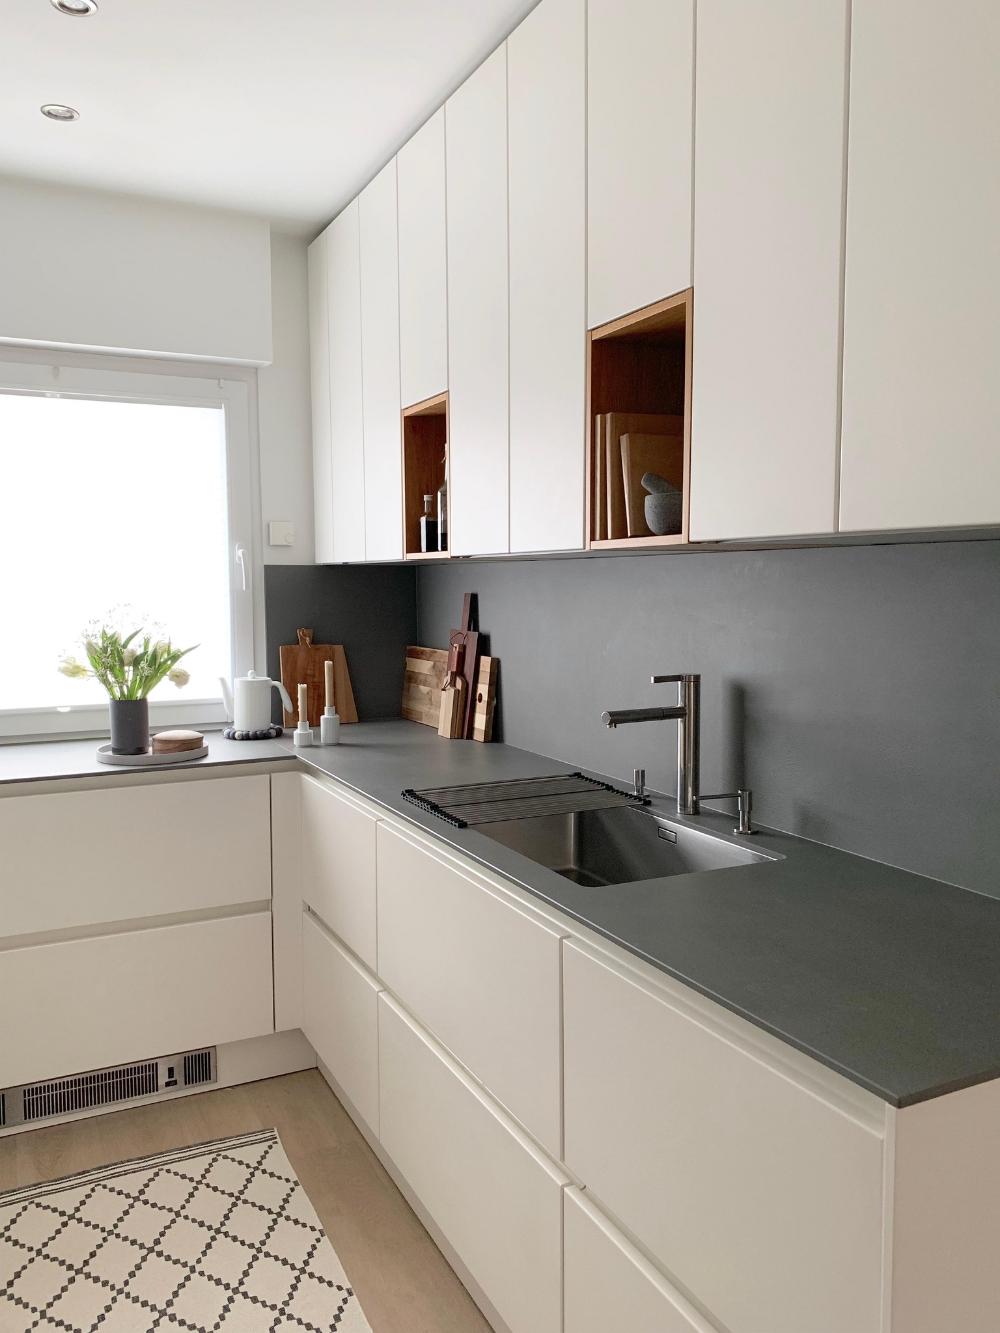 #kleineküche #kleinerraum #hängeschränke #küchenplan... #hausinterieurs